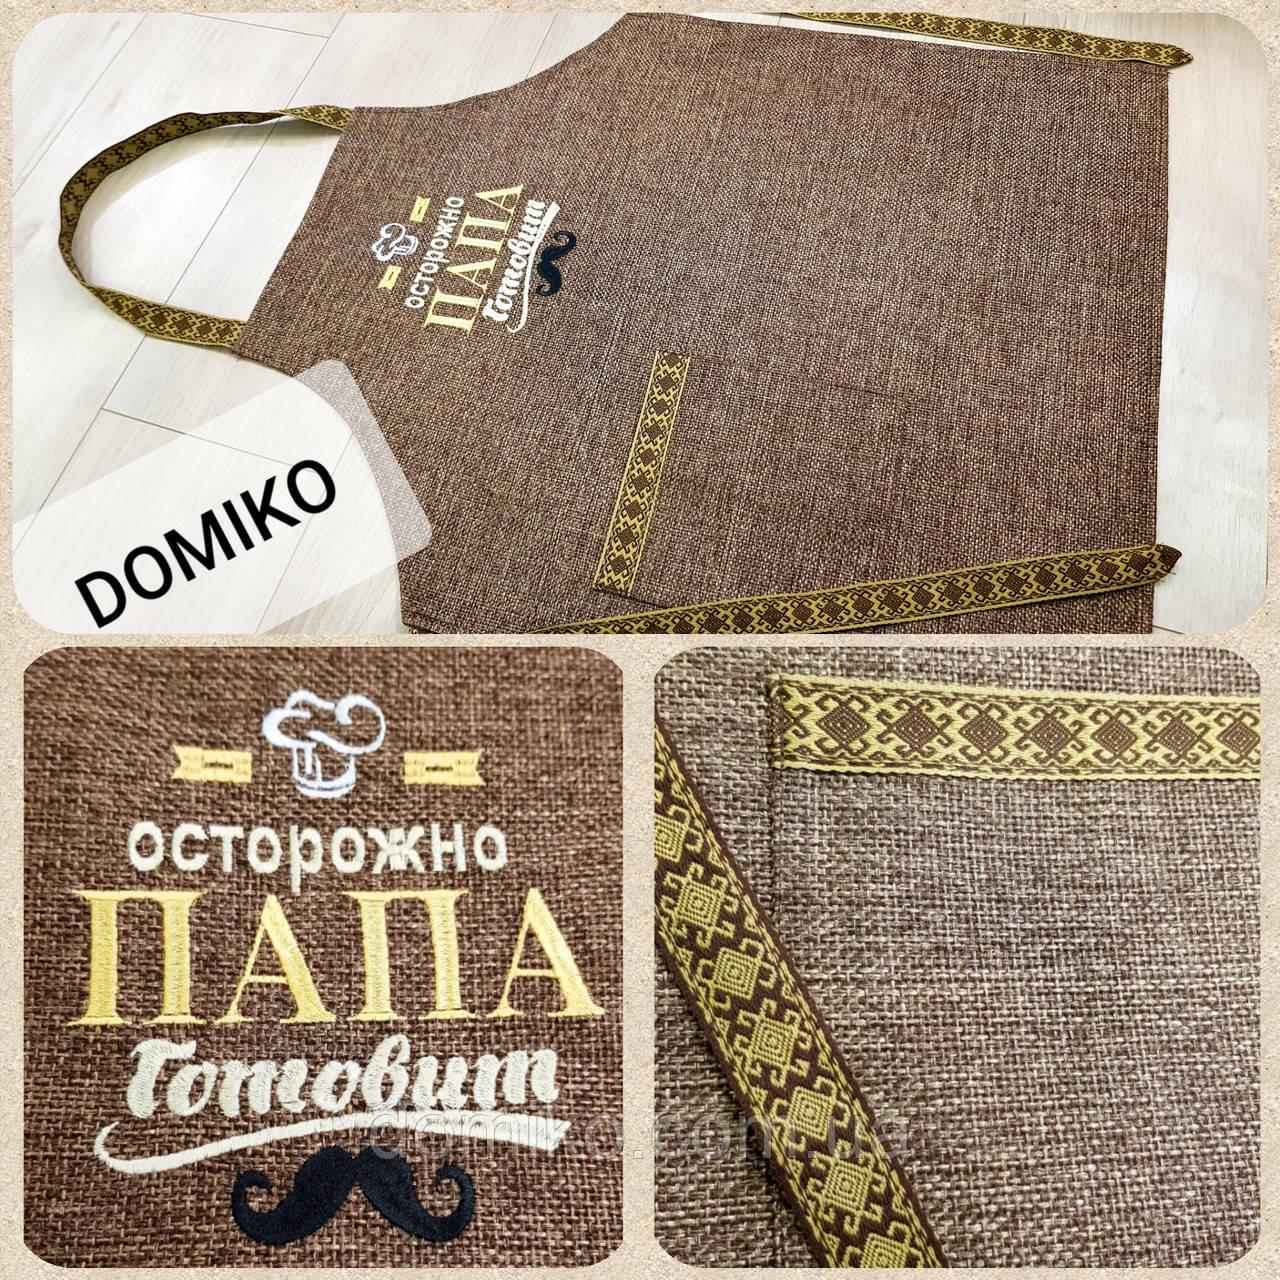 Фартук мешковина джут Осторожно папа готовит - Domiko